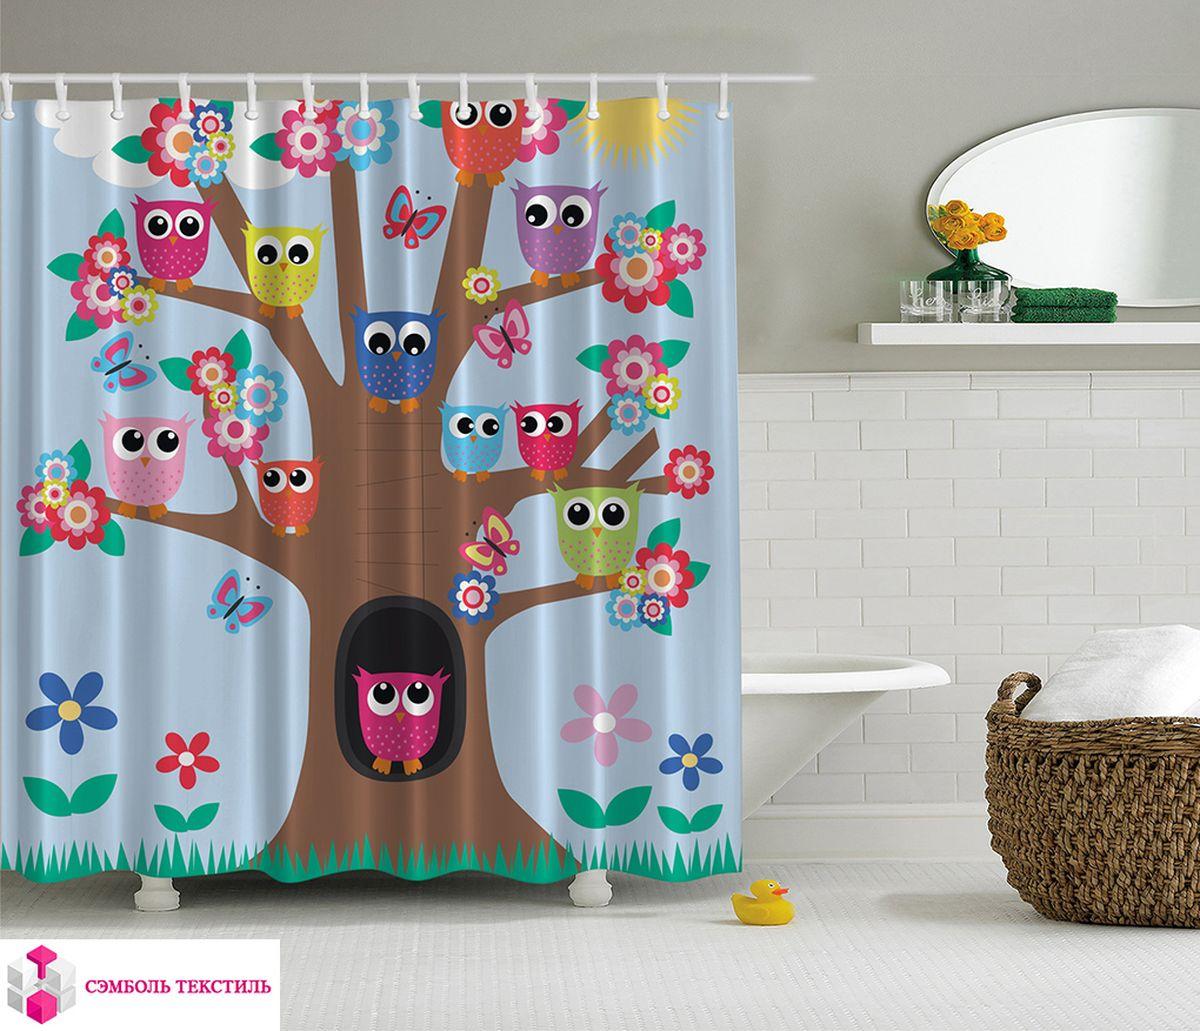 Штора для ванной комнаты Magic Lady Дружная семья сов на дереве, 180 х 200 см фотоштора для ванной утка принимает душ magic lady 180 х 200 см